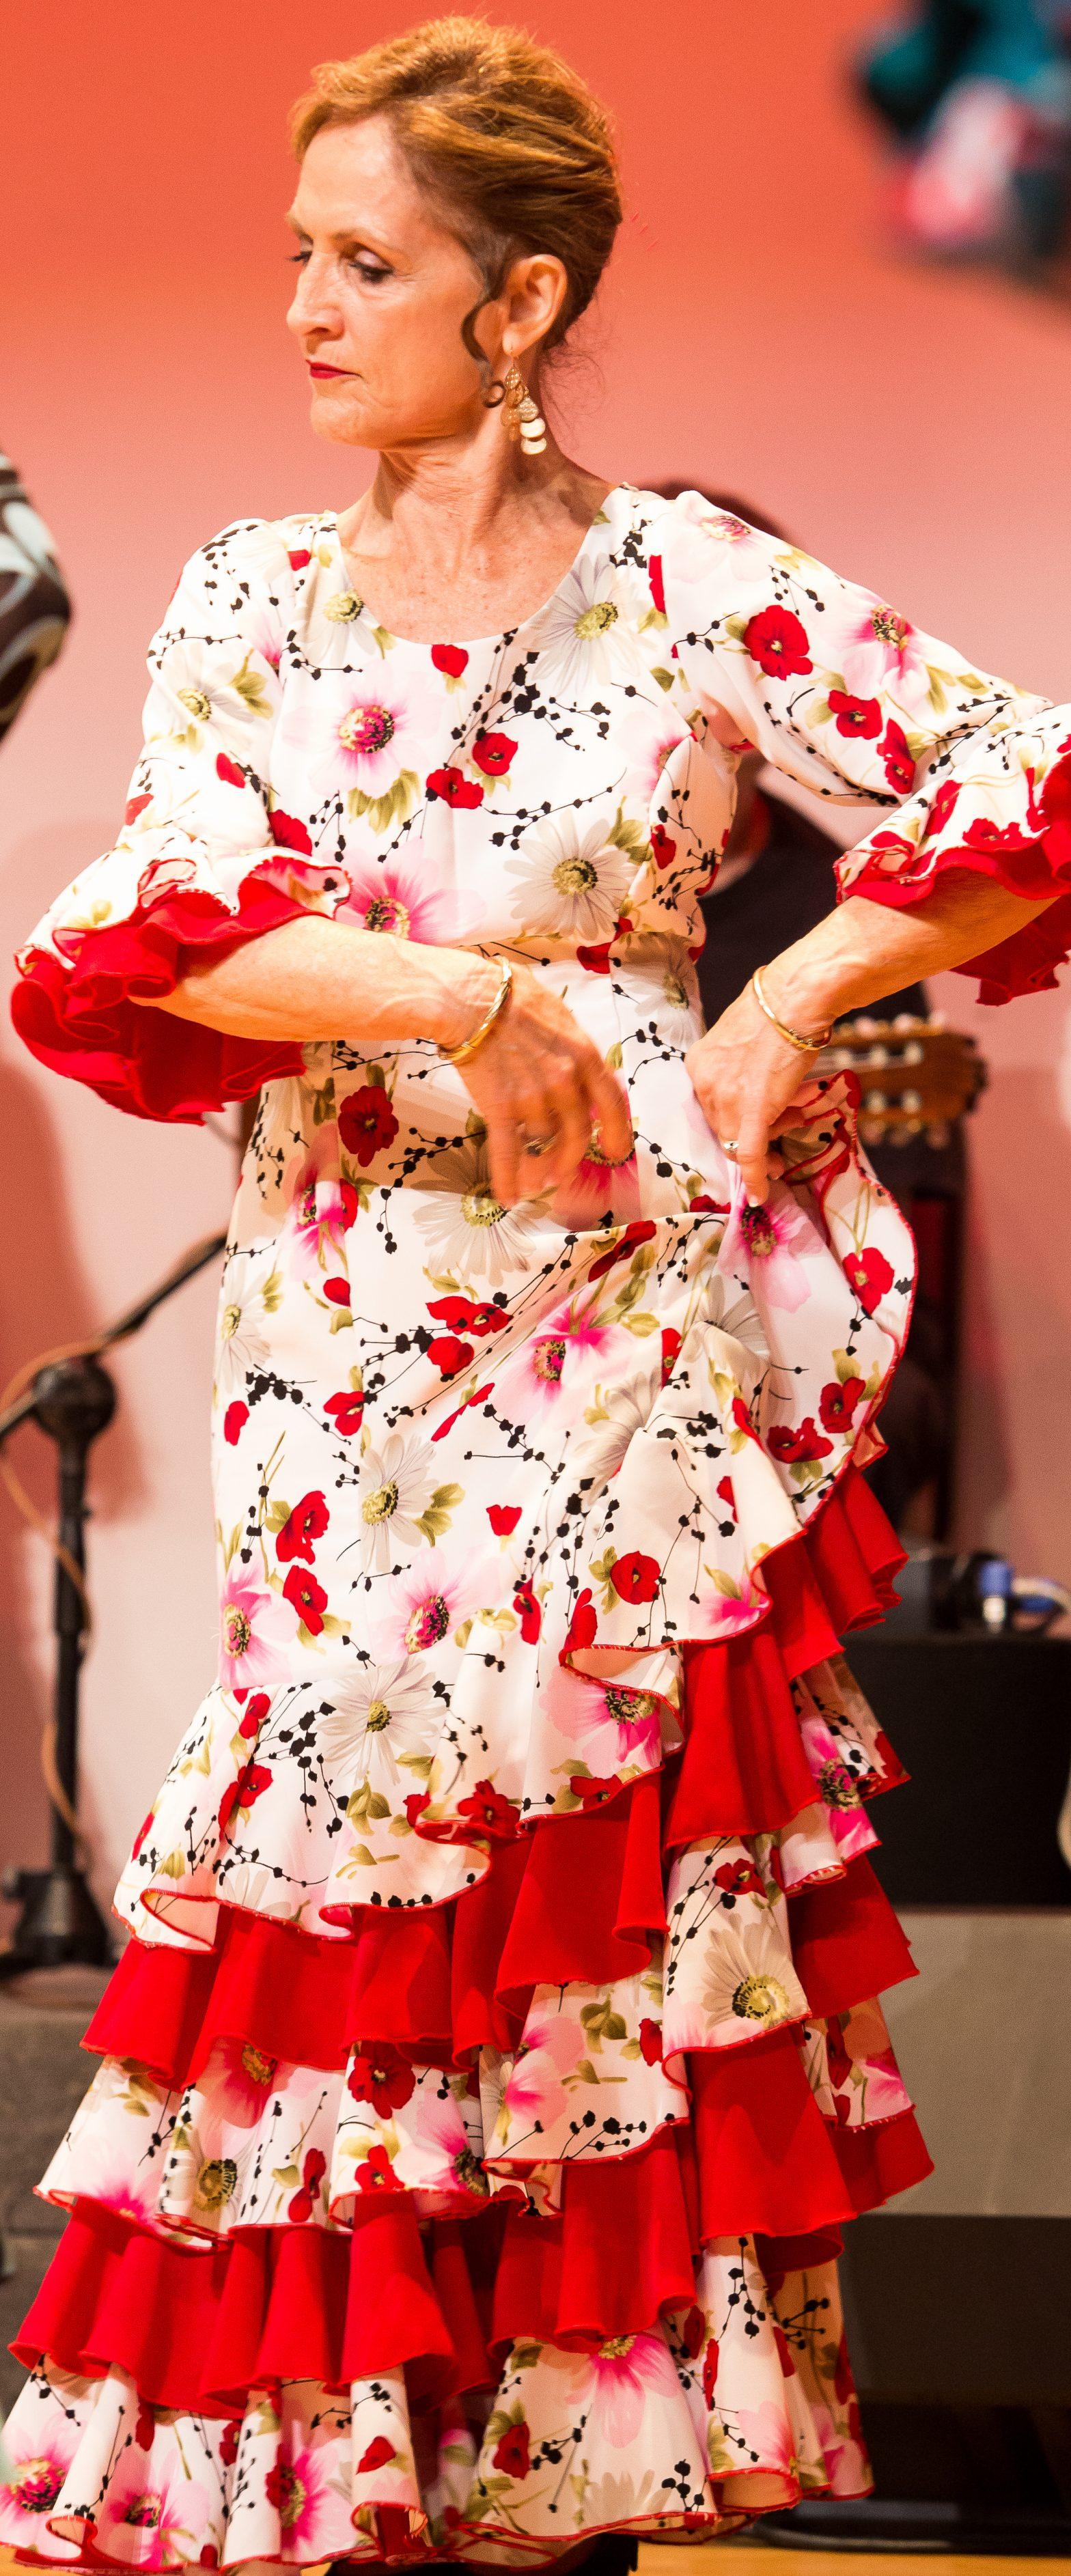 Flamenco? Olé!